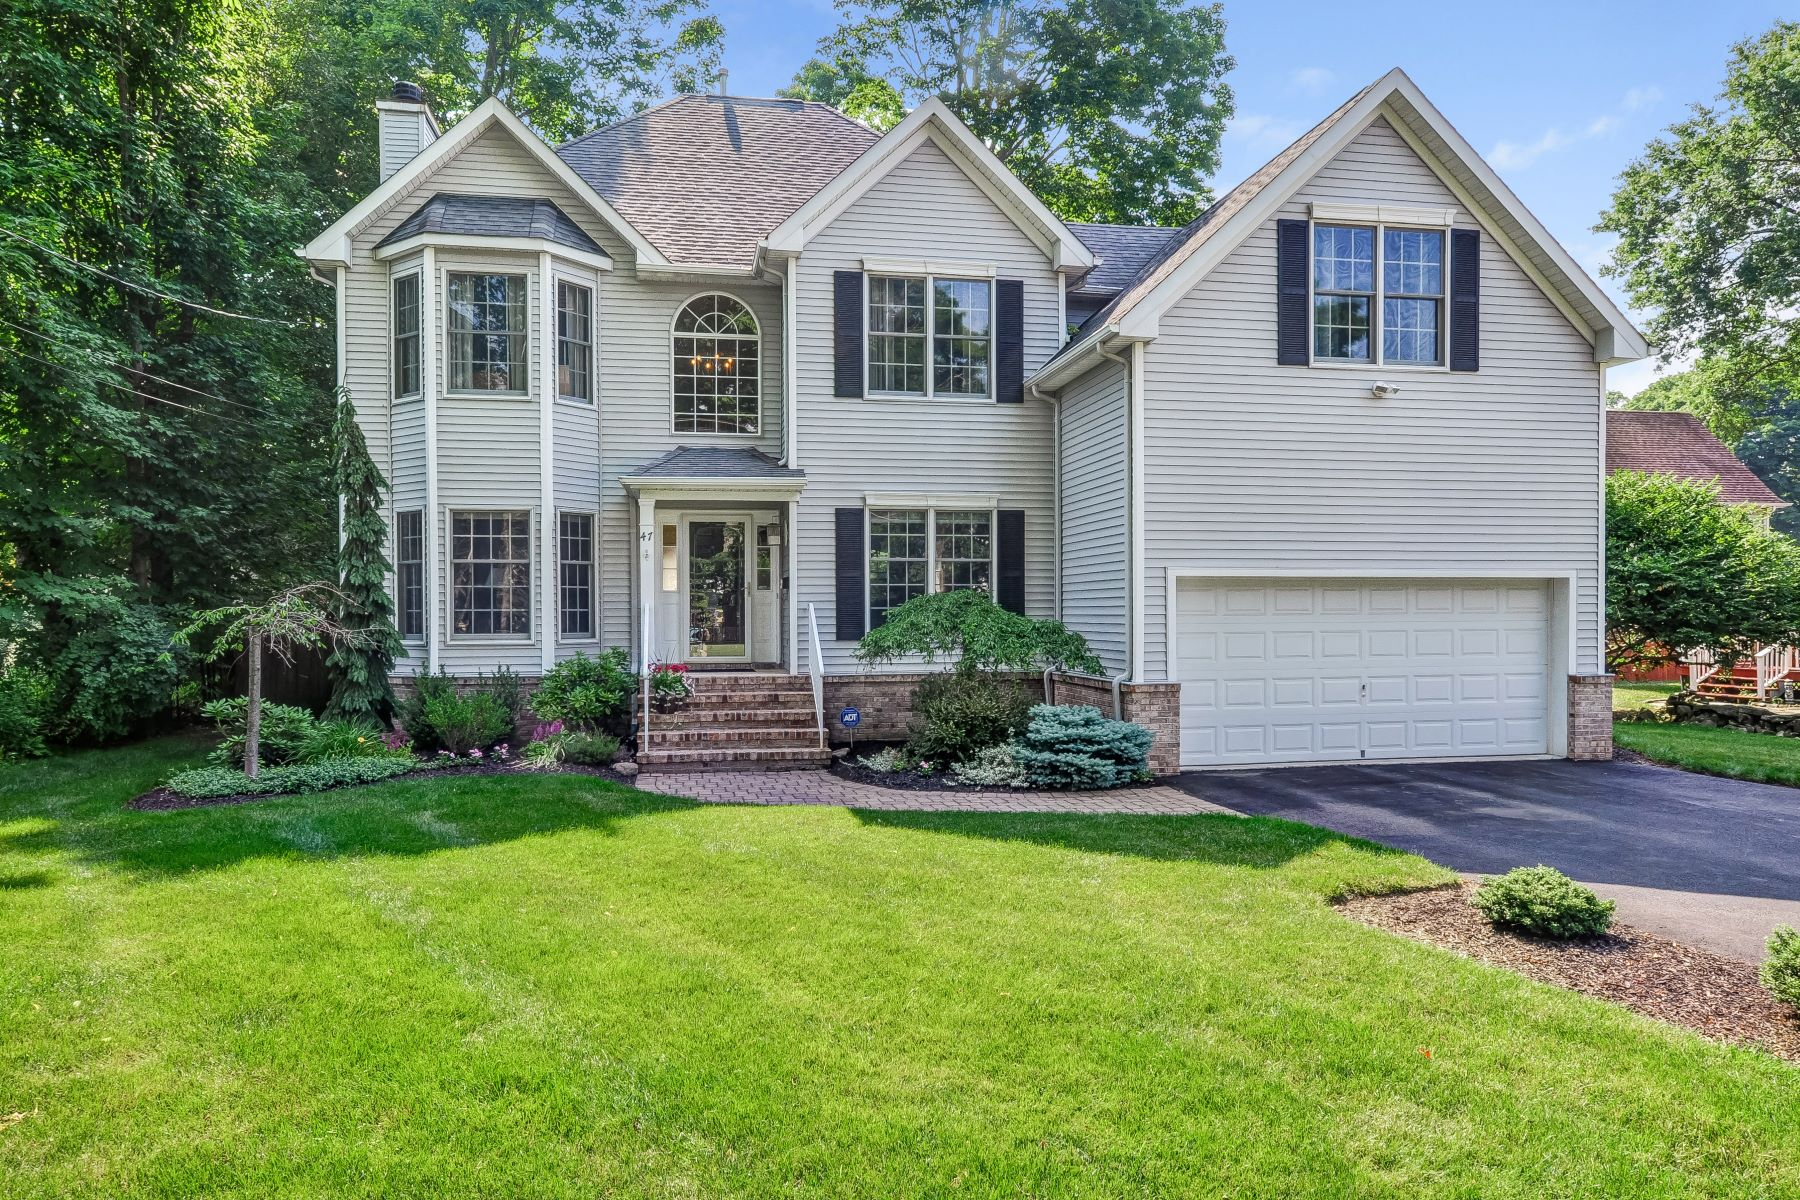 Частный односемейный дом для того Продажа на 47 Stiles Avenue Morris Plains, Нью-Джерси 07950 Соединенные Штаты